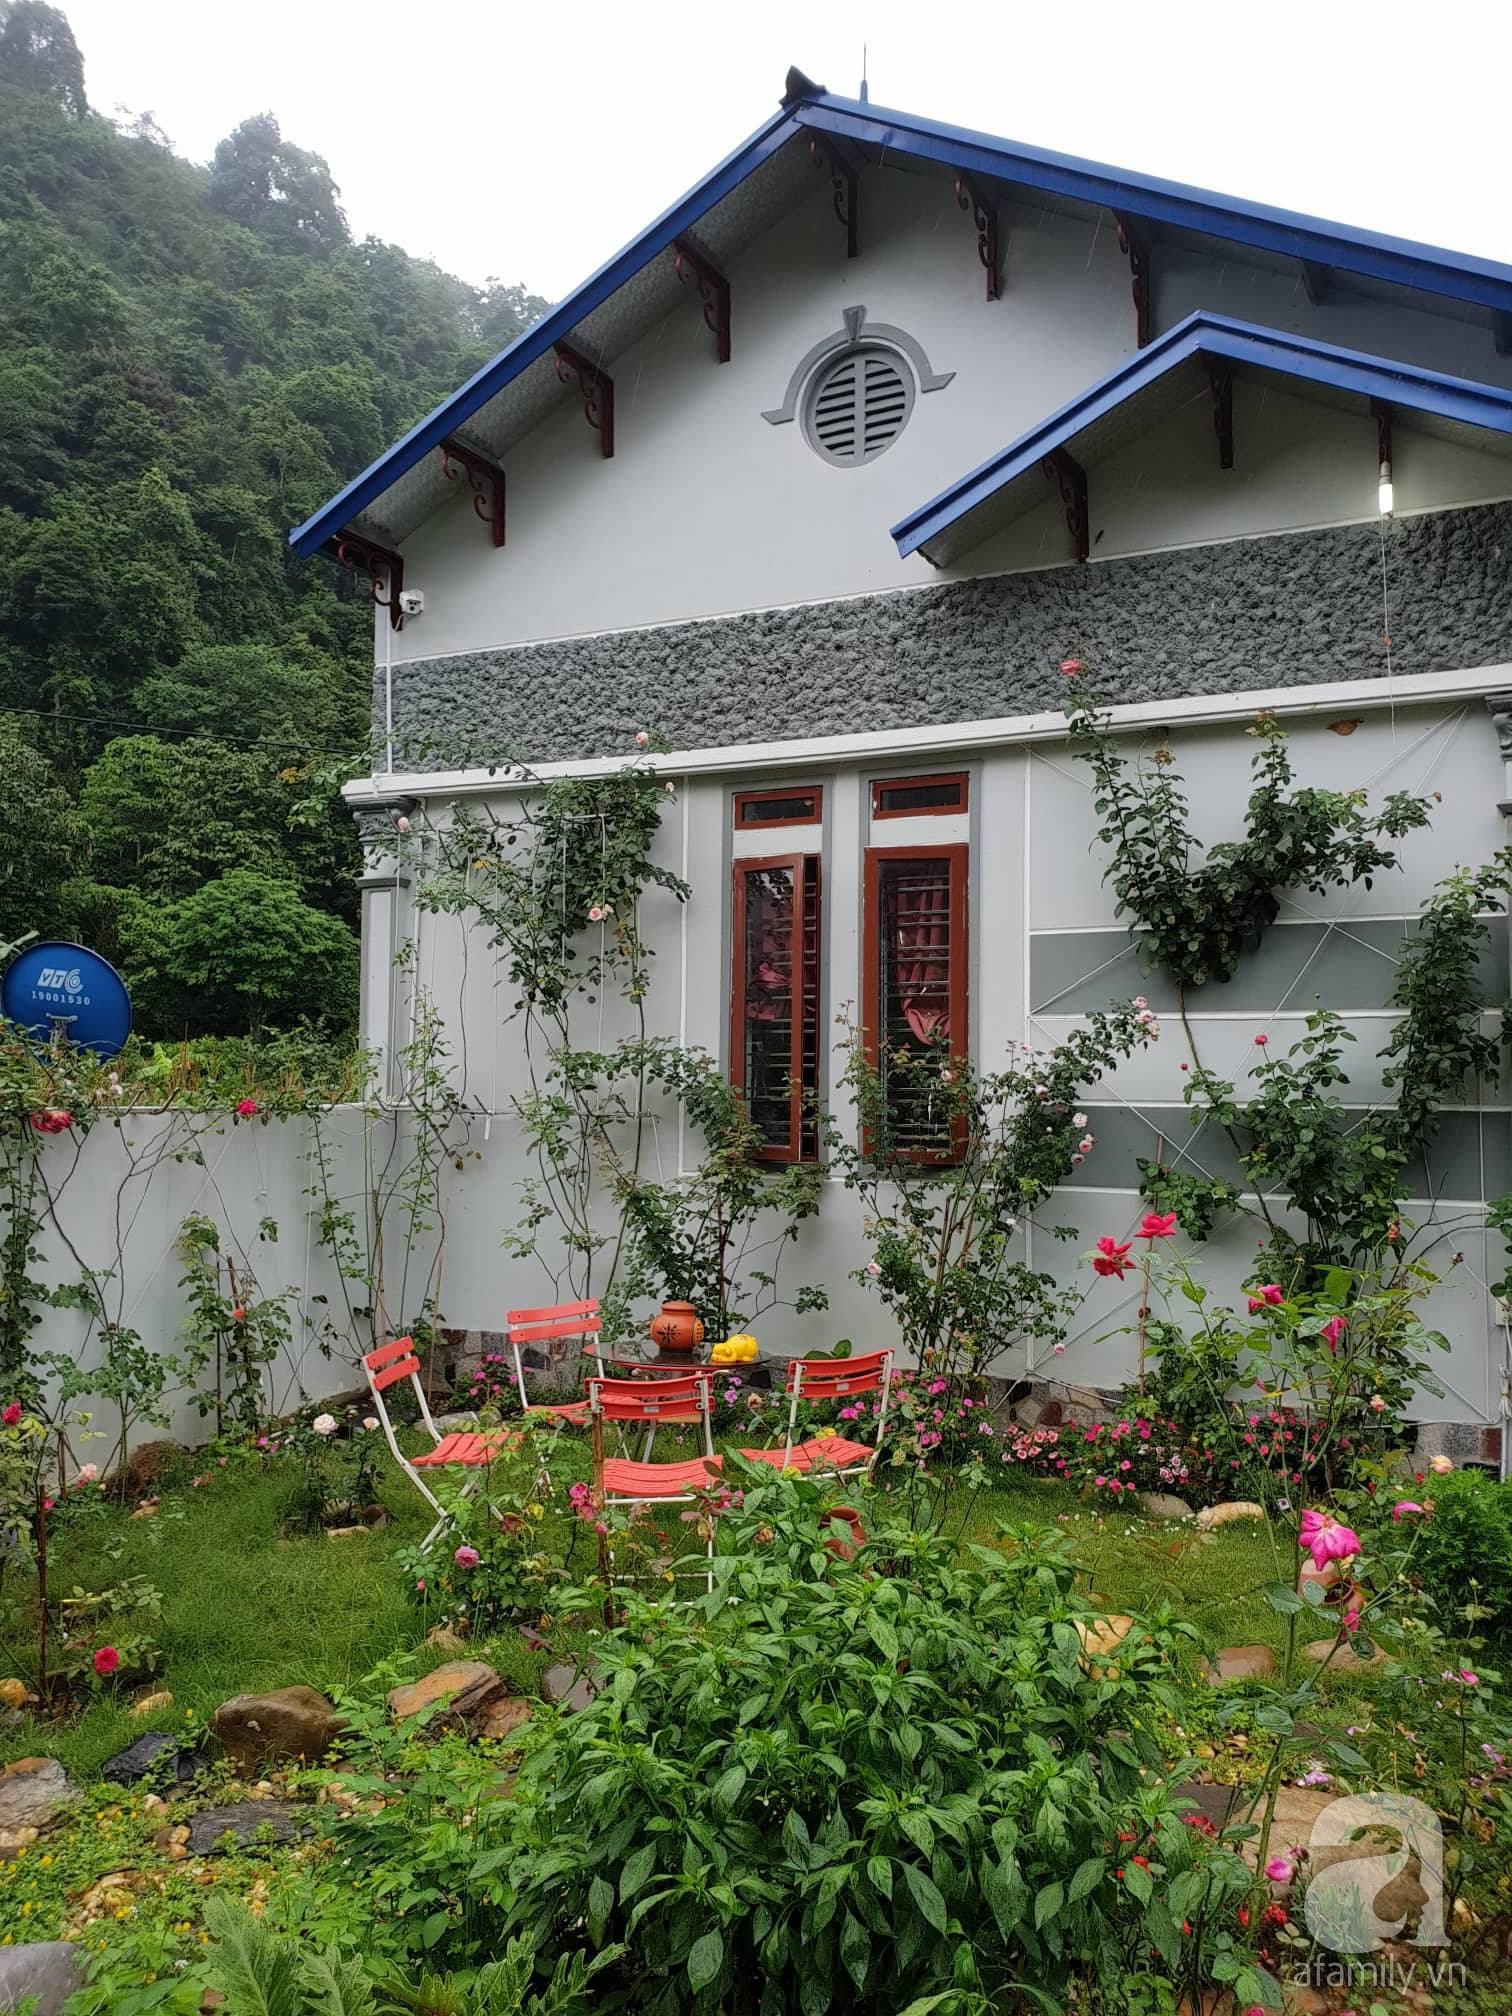 Ngôi nhà hoa hồng thơm ngát và rực rỡ với hàng trăm gốc hồng trên triền núi của cô giáo ở Cao Bằng - Ảnh 4.